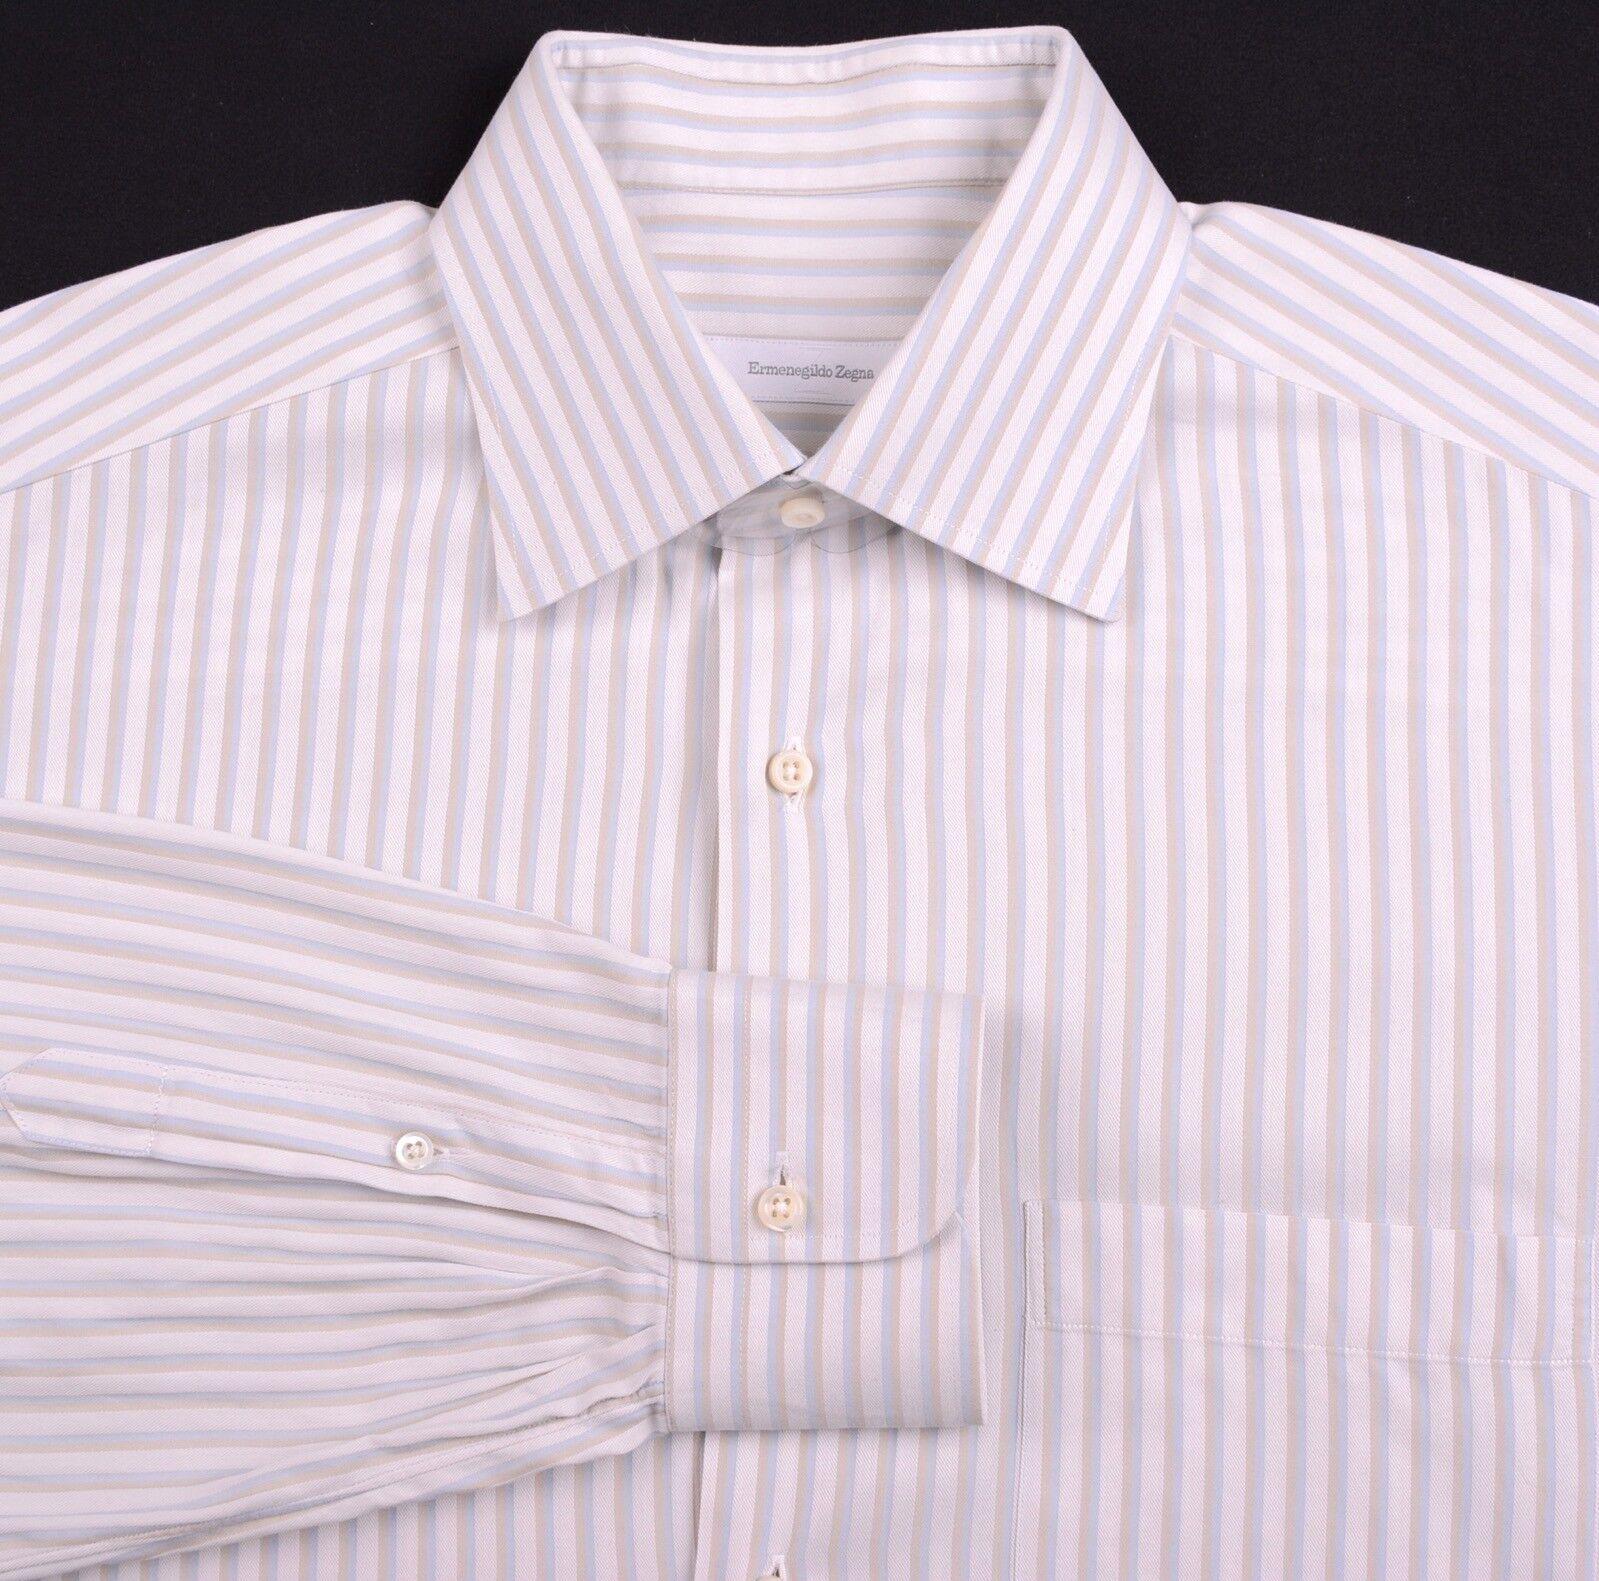 RECENT Ermenegildo Zegna White bluee Brown Chevorn Stripe Dress Shirt 16